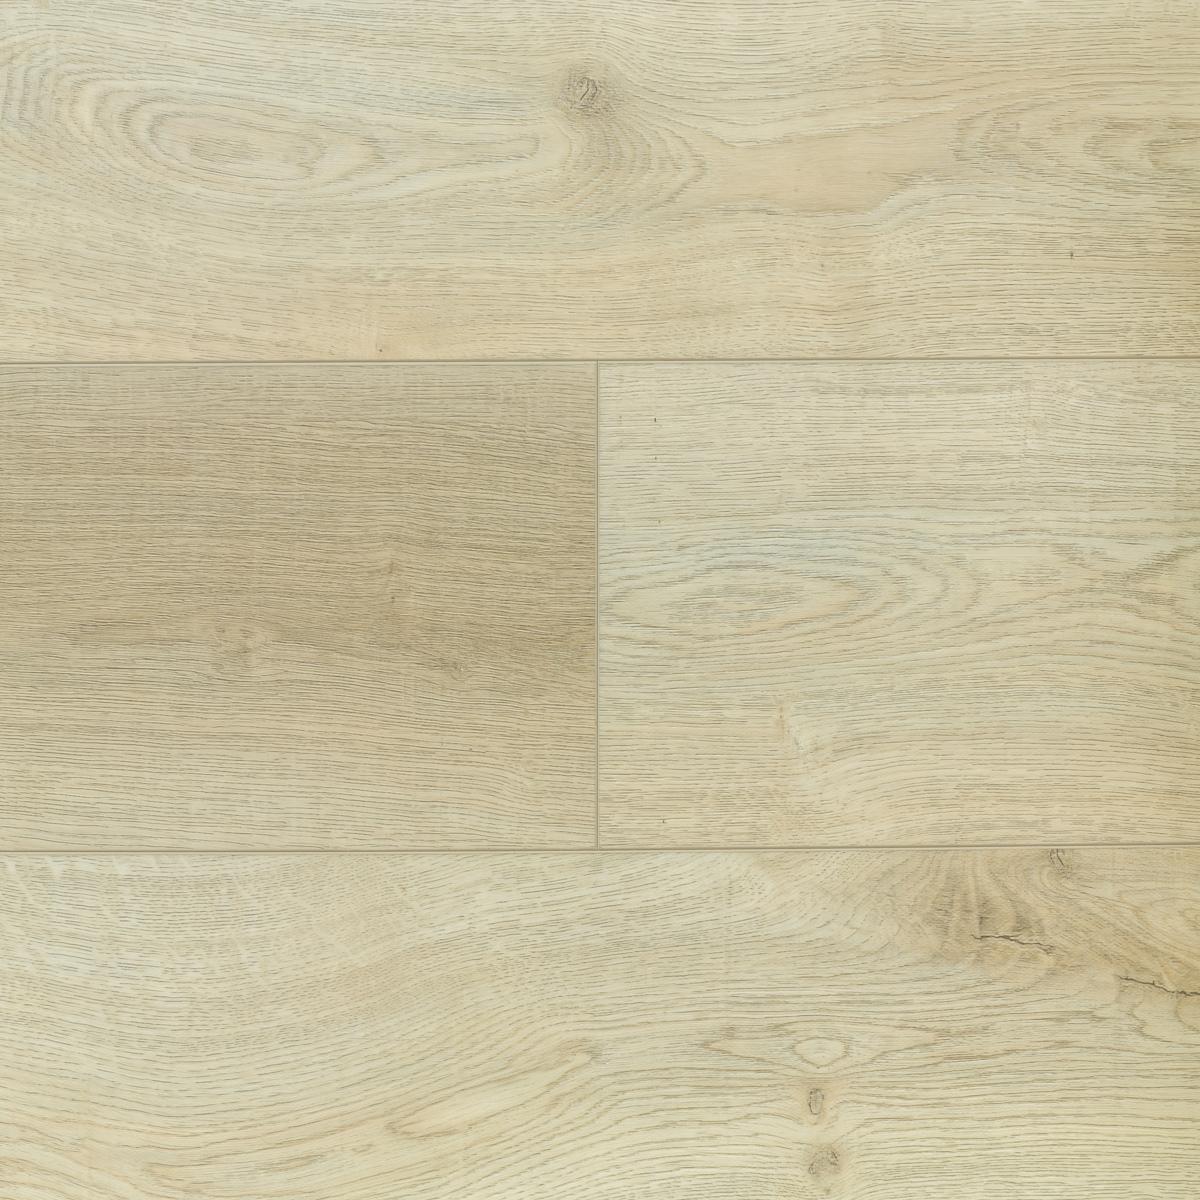 Lifestepp Metro Premium Spc Vinyl Plank, Metro Laminate Flooring